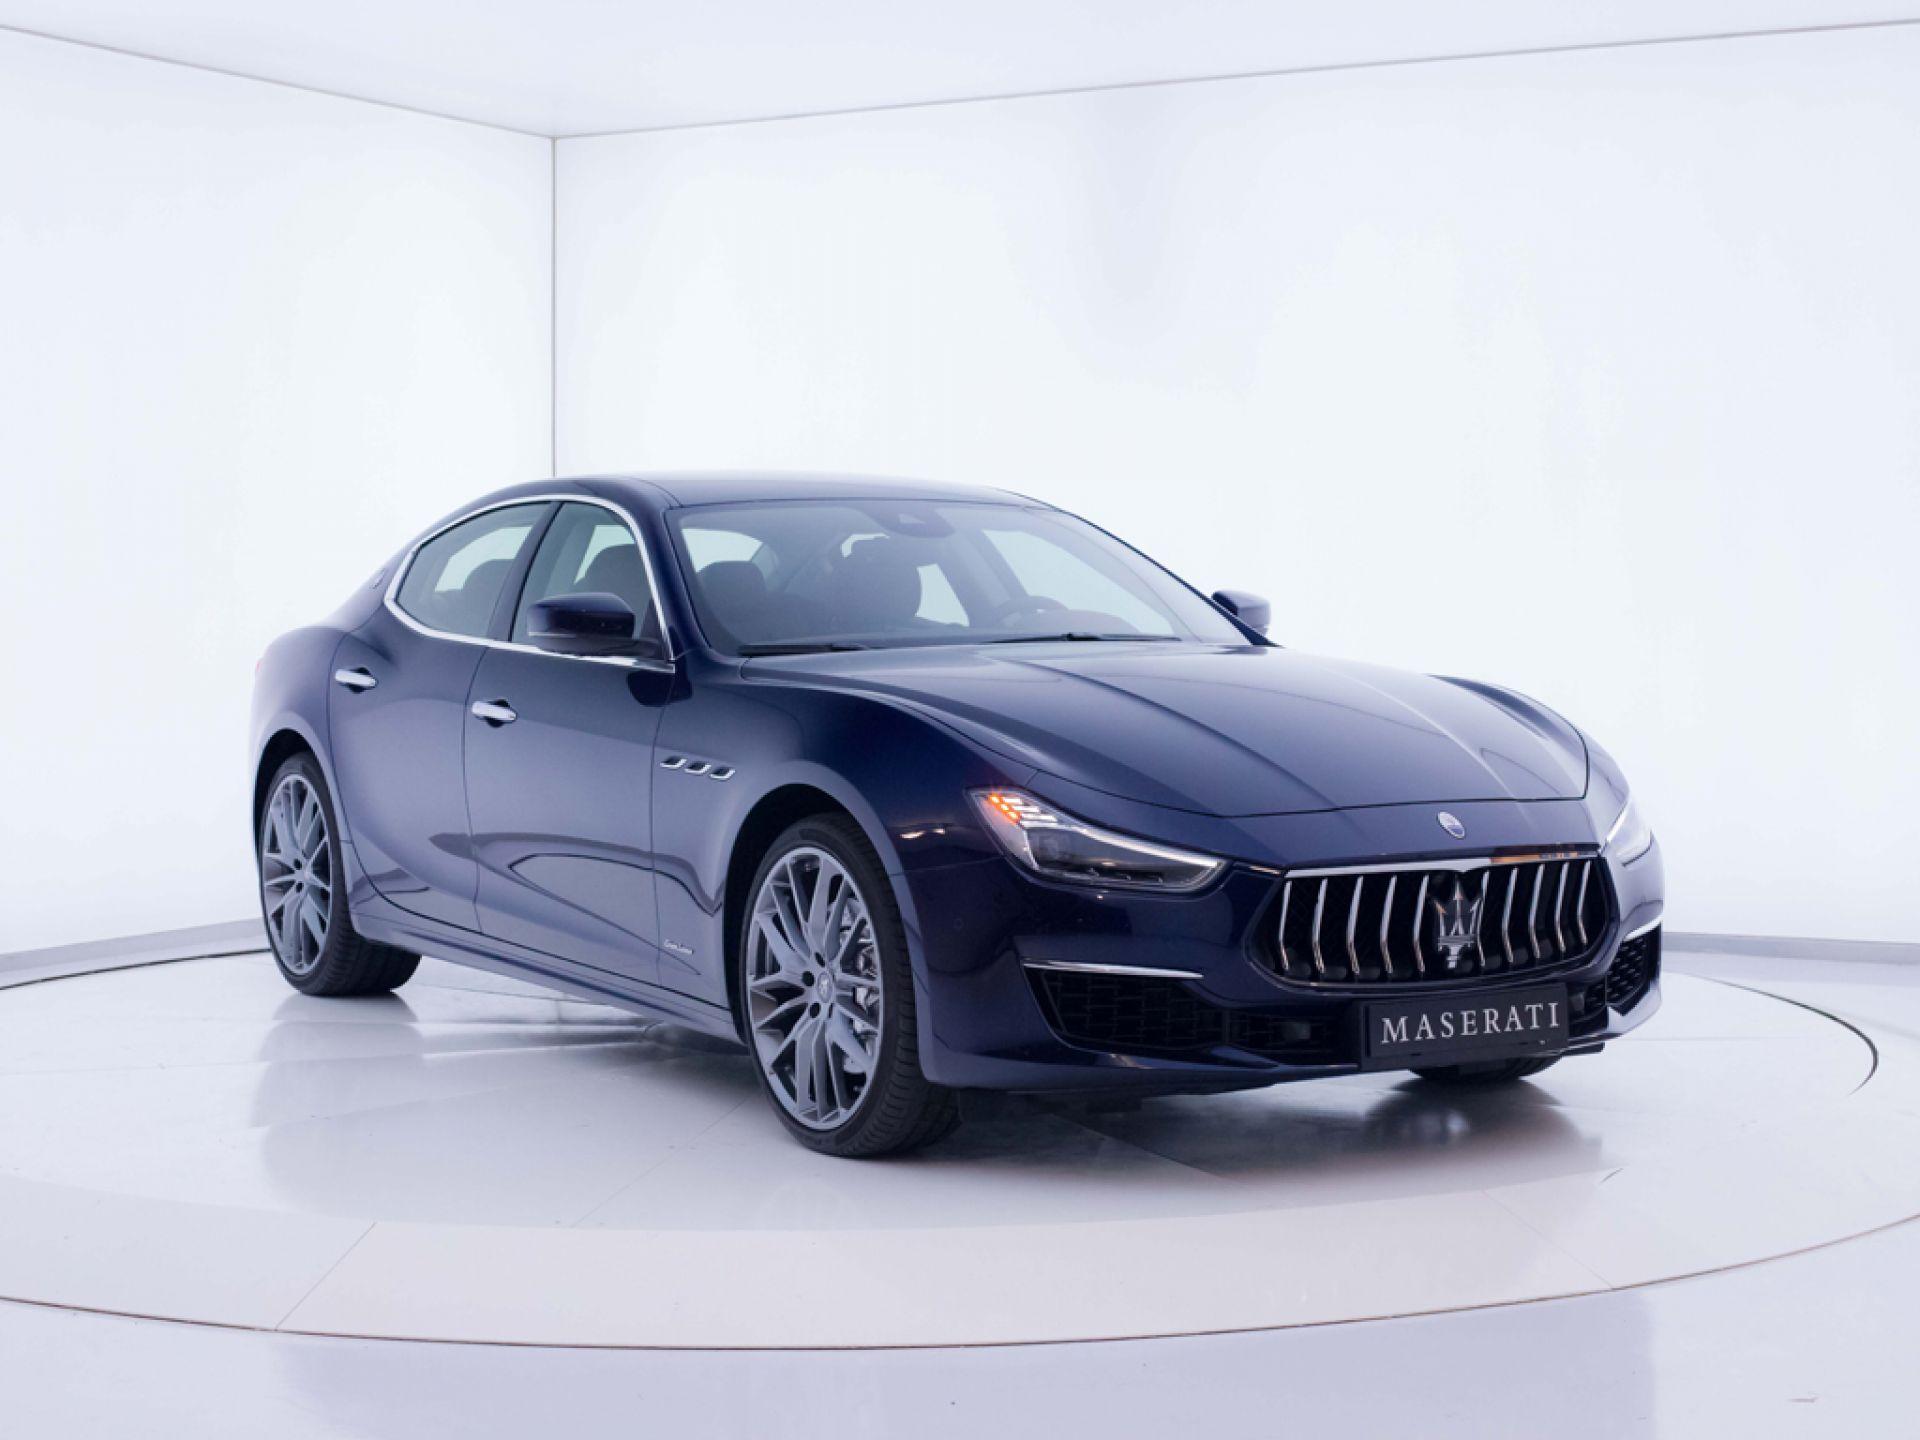 Maserati Ghibli GranLusso 3.0 V6 tt (350CV)